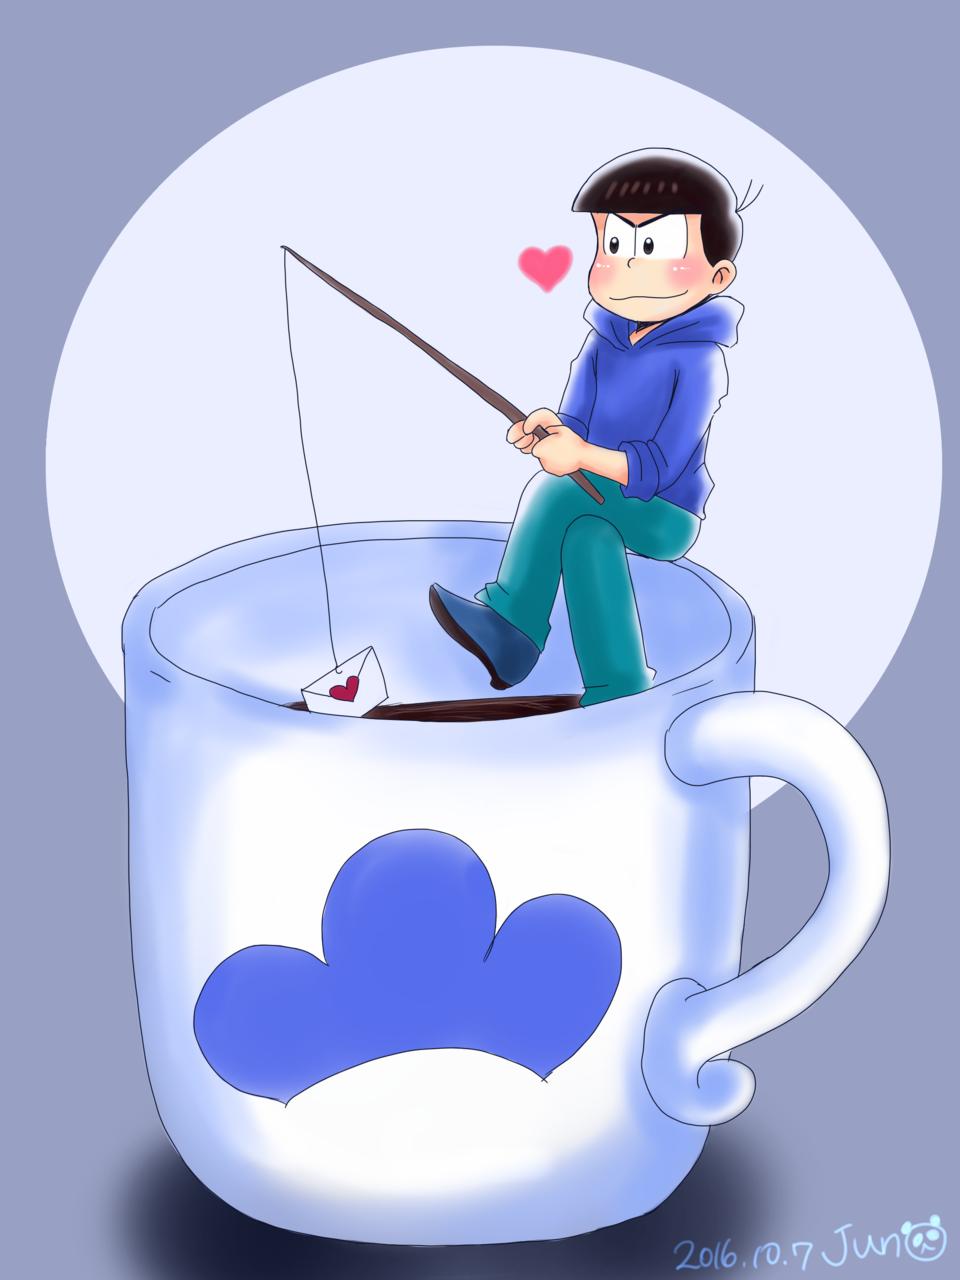 マグカップとカラ松リクエストイラスト Jun9999 Illustrations